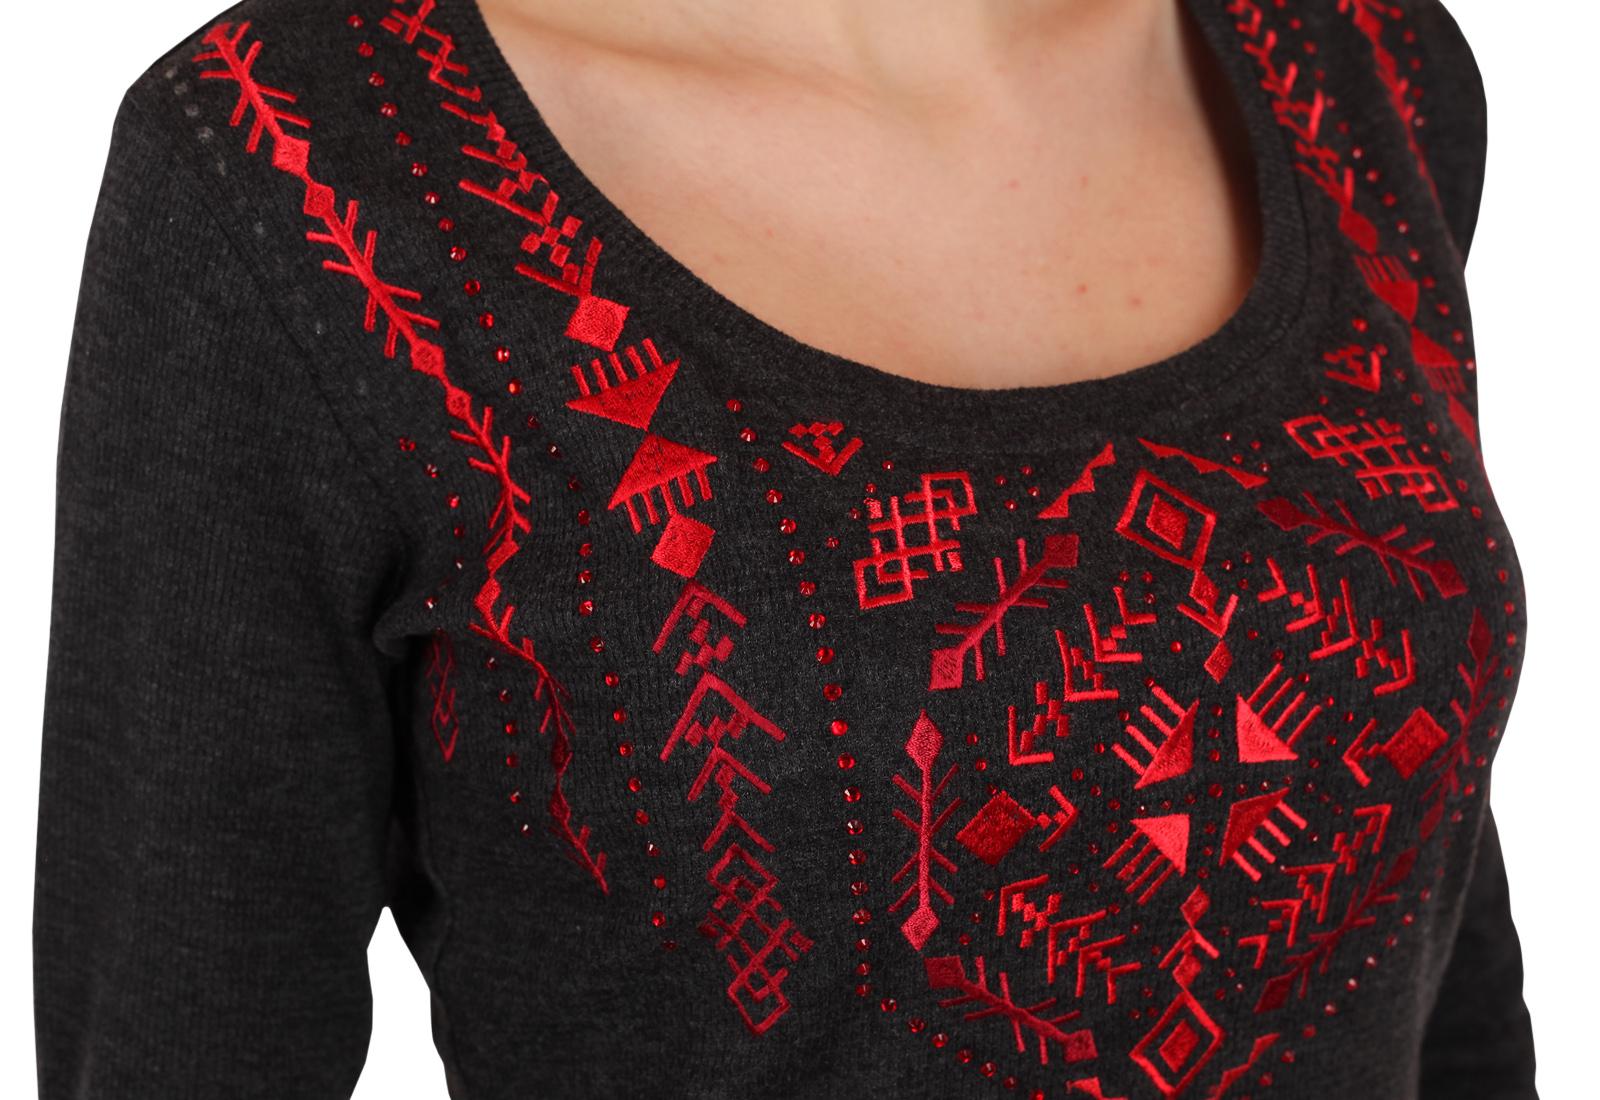 Недорогой брендовый свитшот Panhandle с контрастным этическим орнаментом. Стиль Инди-Рок для независимых девушек